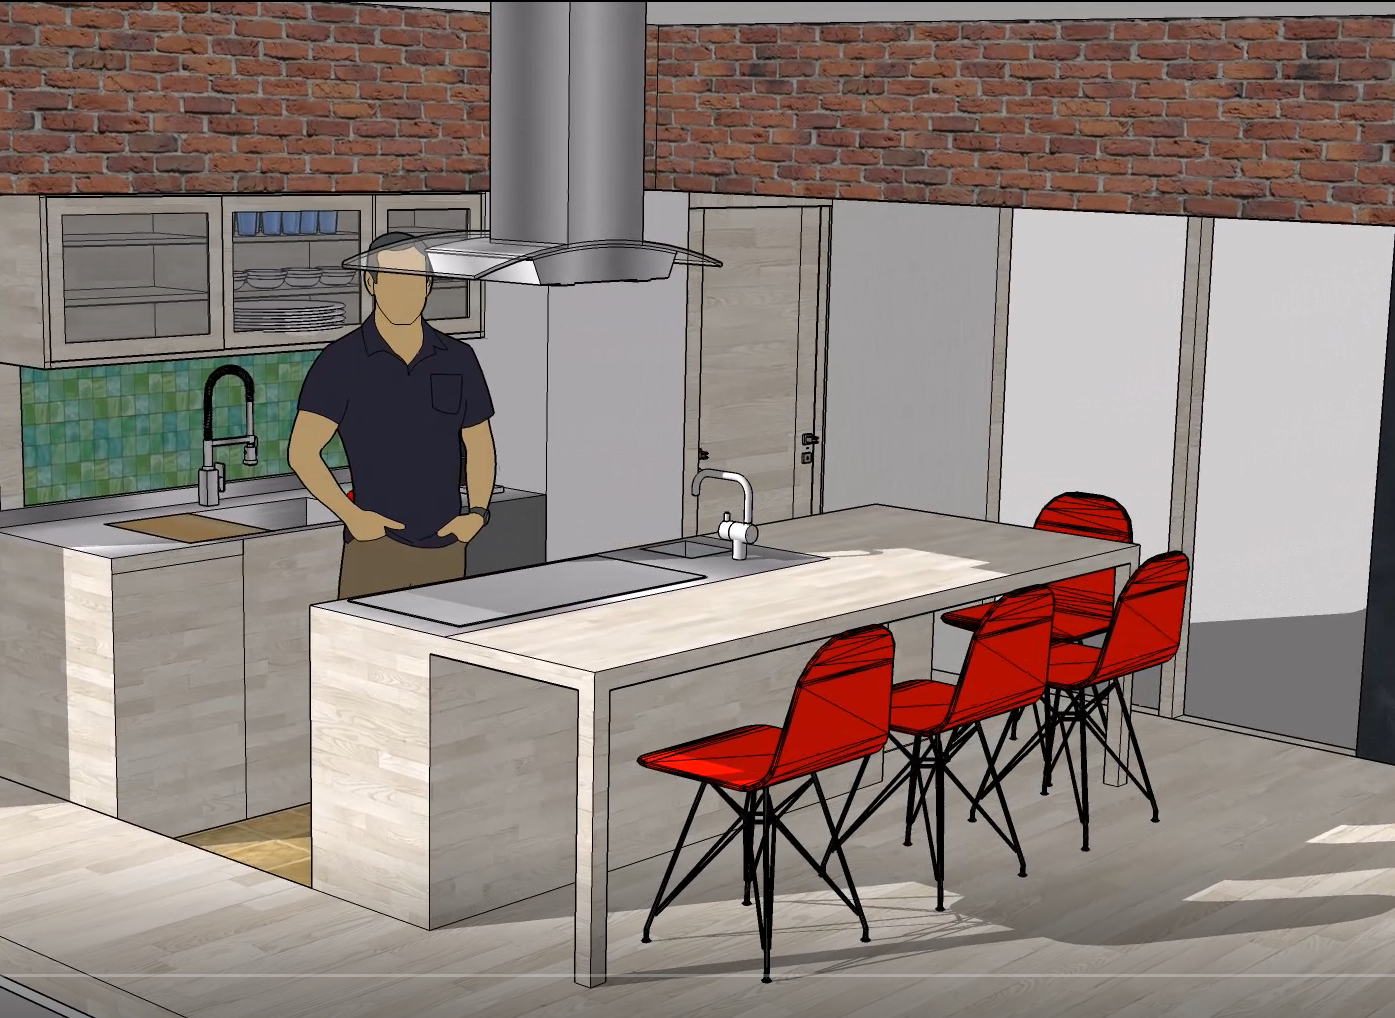 キッチン パース図